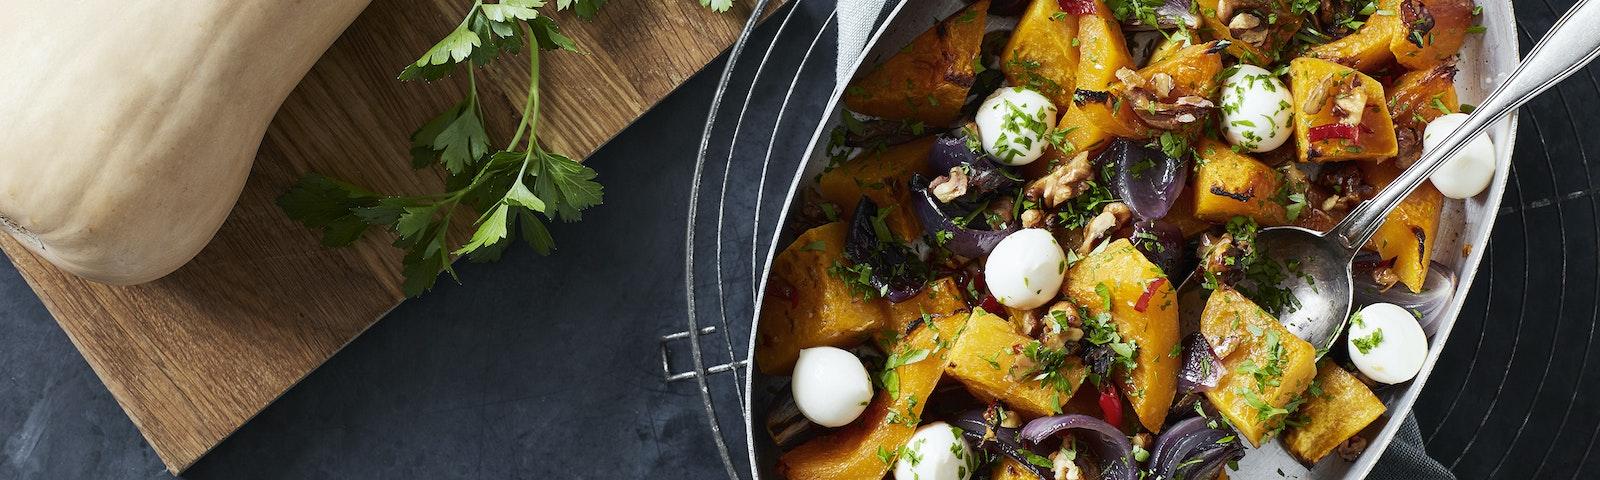 Ovnbagt butternut squash med rødløg, valnødder & mozzarella